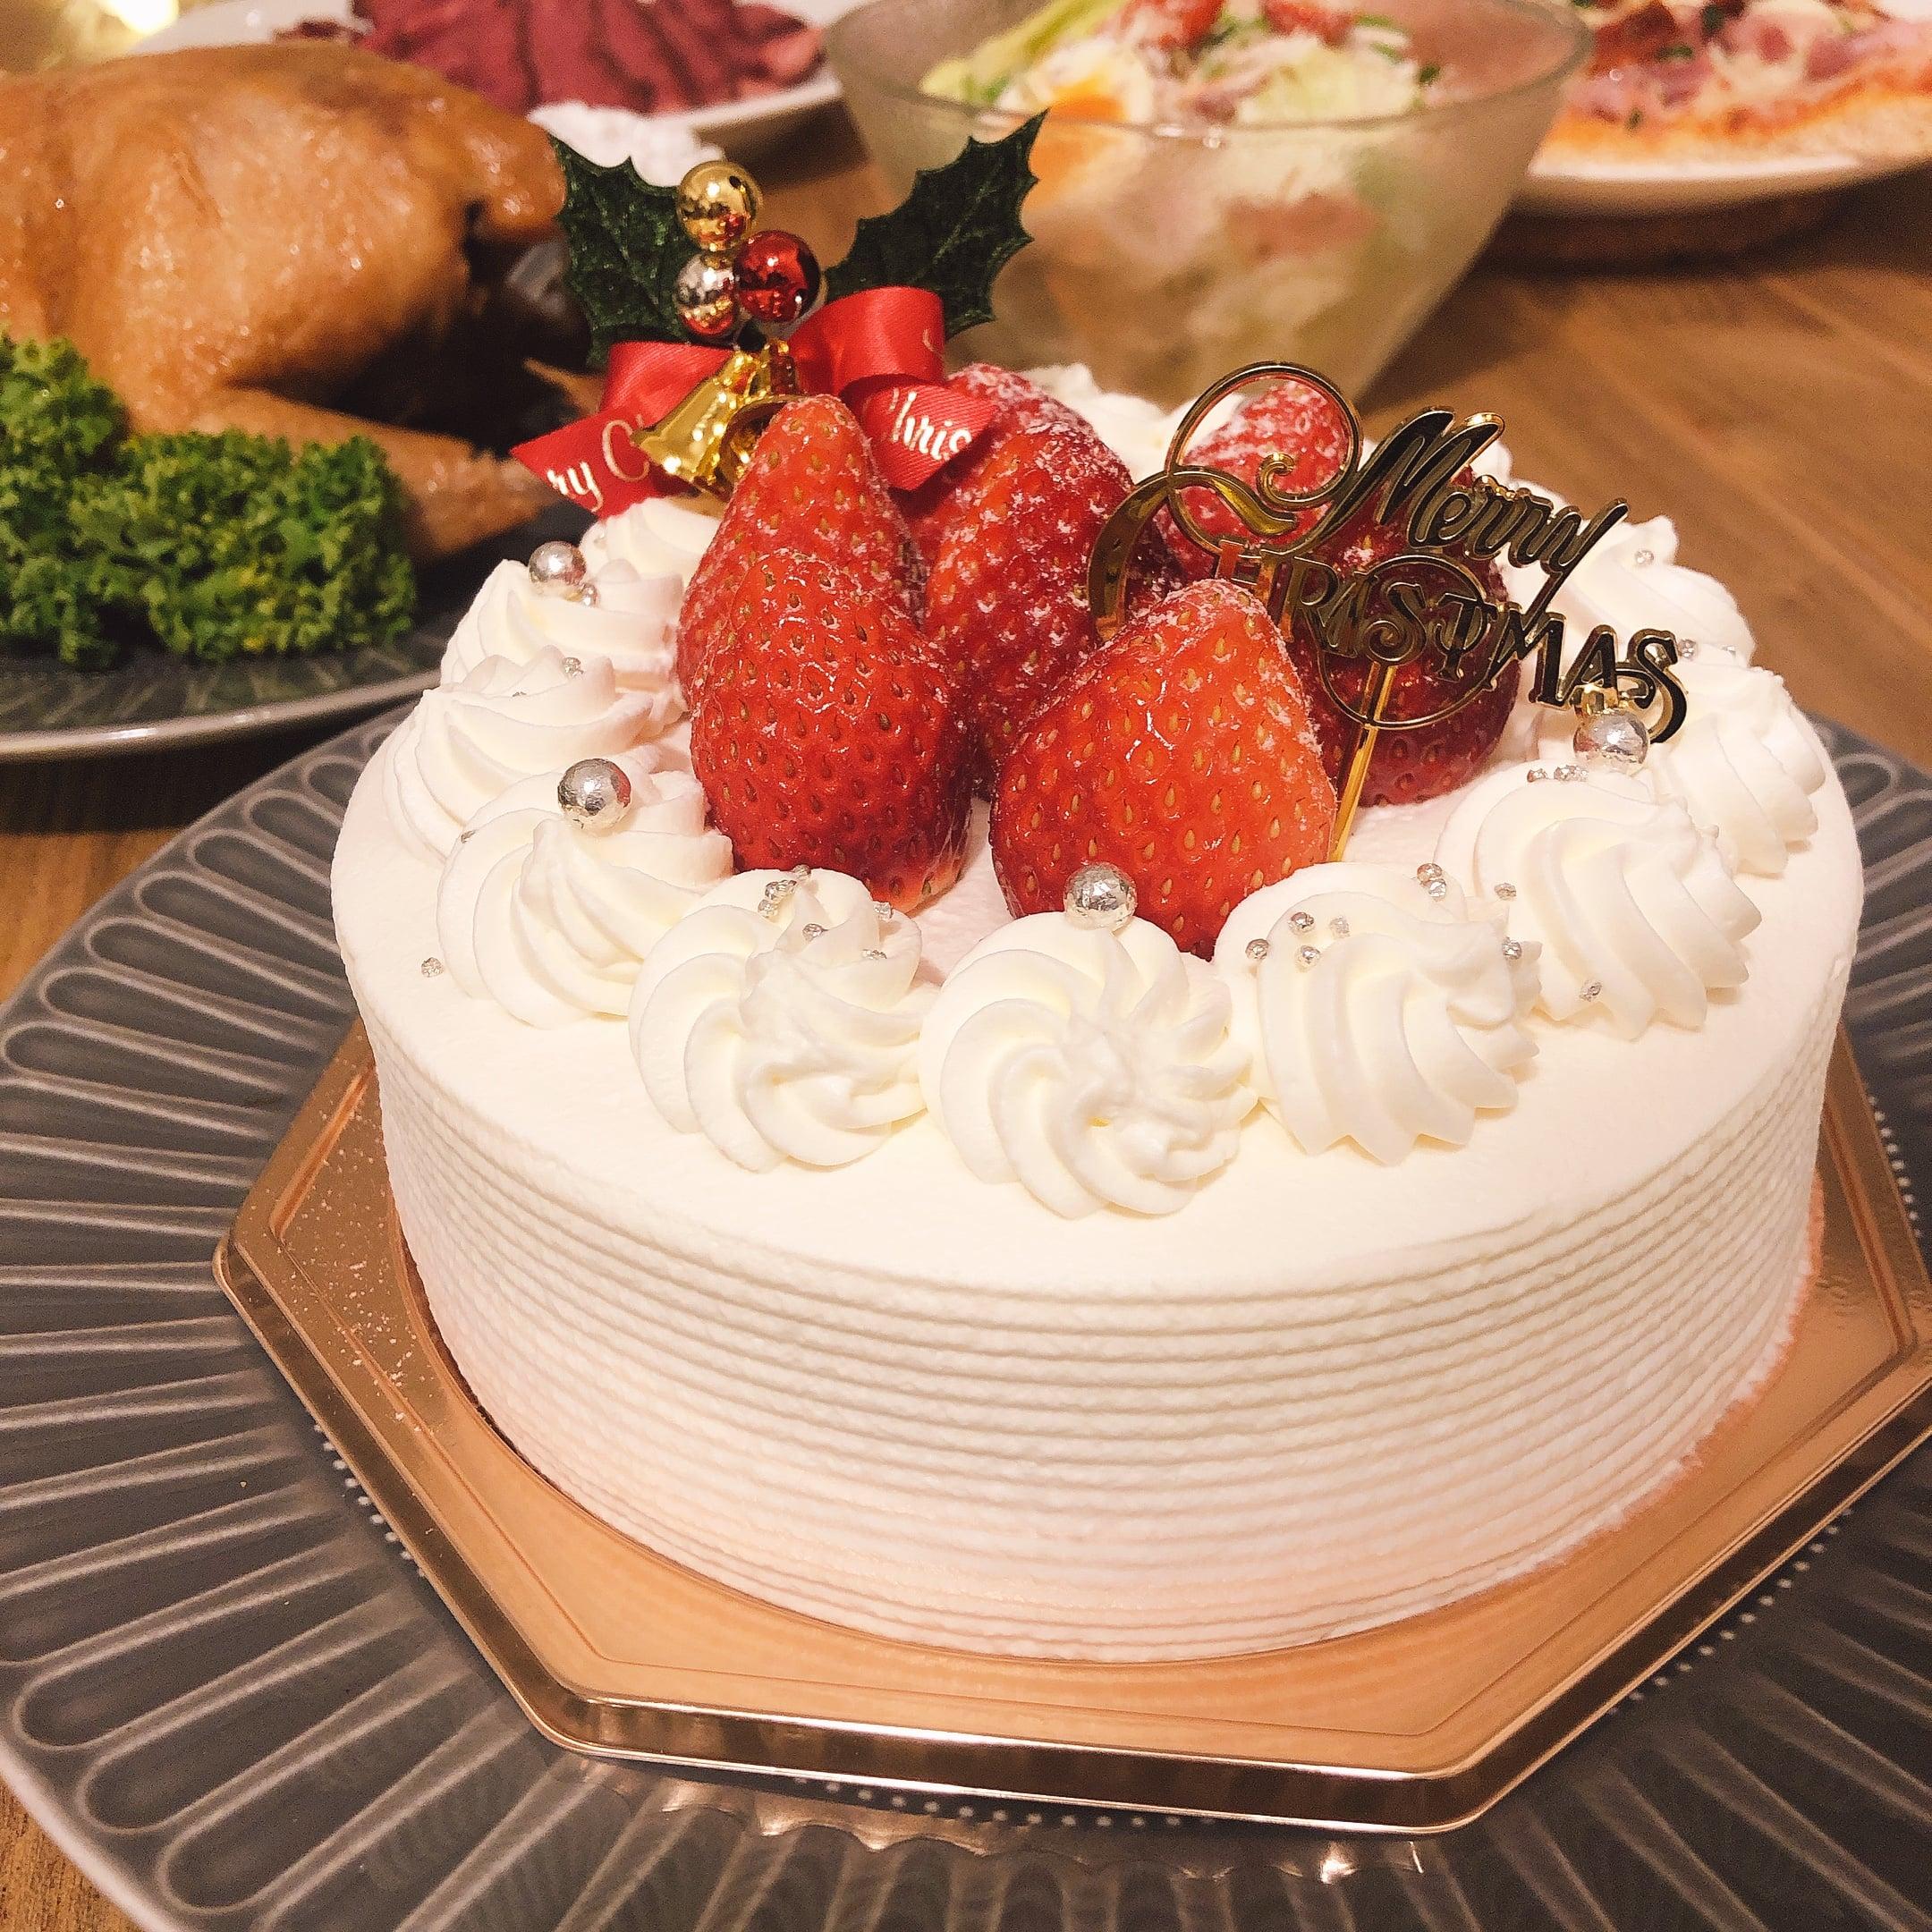 おうちで過ごすクリスマス!ウエスティンホテル東京のストロベリーショートケーキで華やかに_2